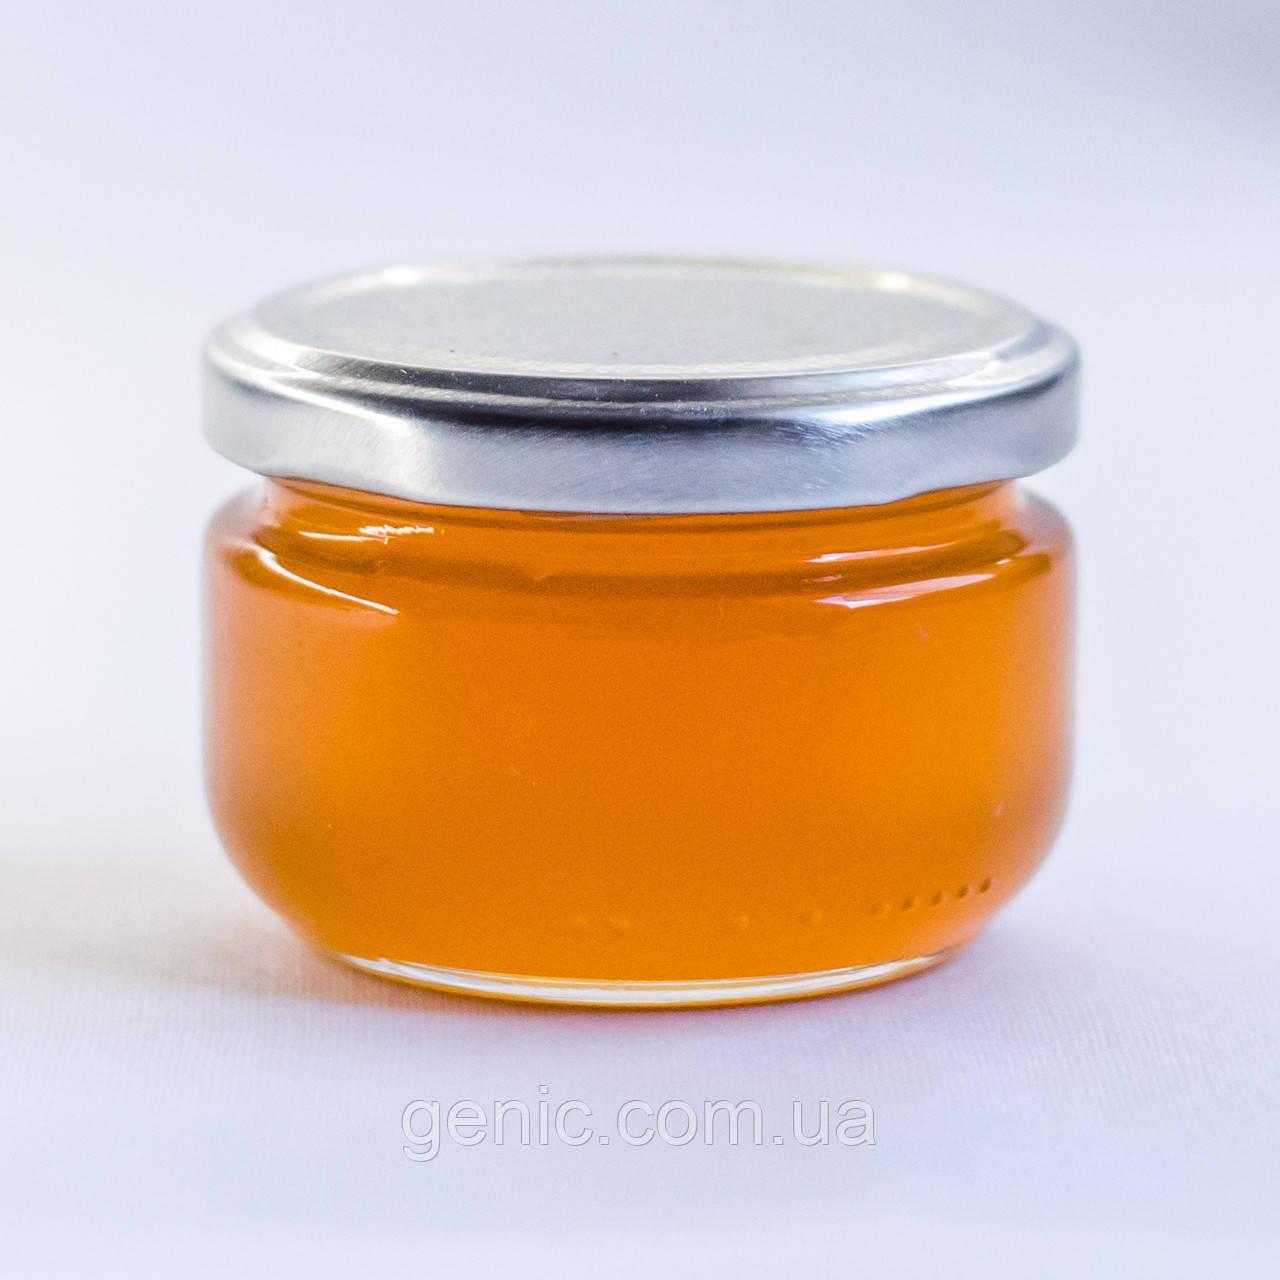 Лесной мёд 140 грамм (баночка 100 мл)